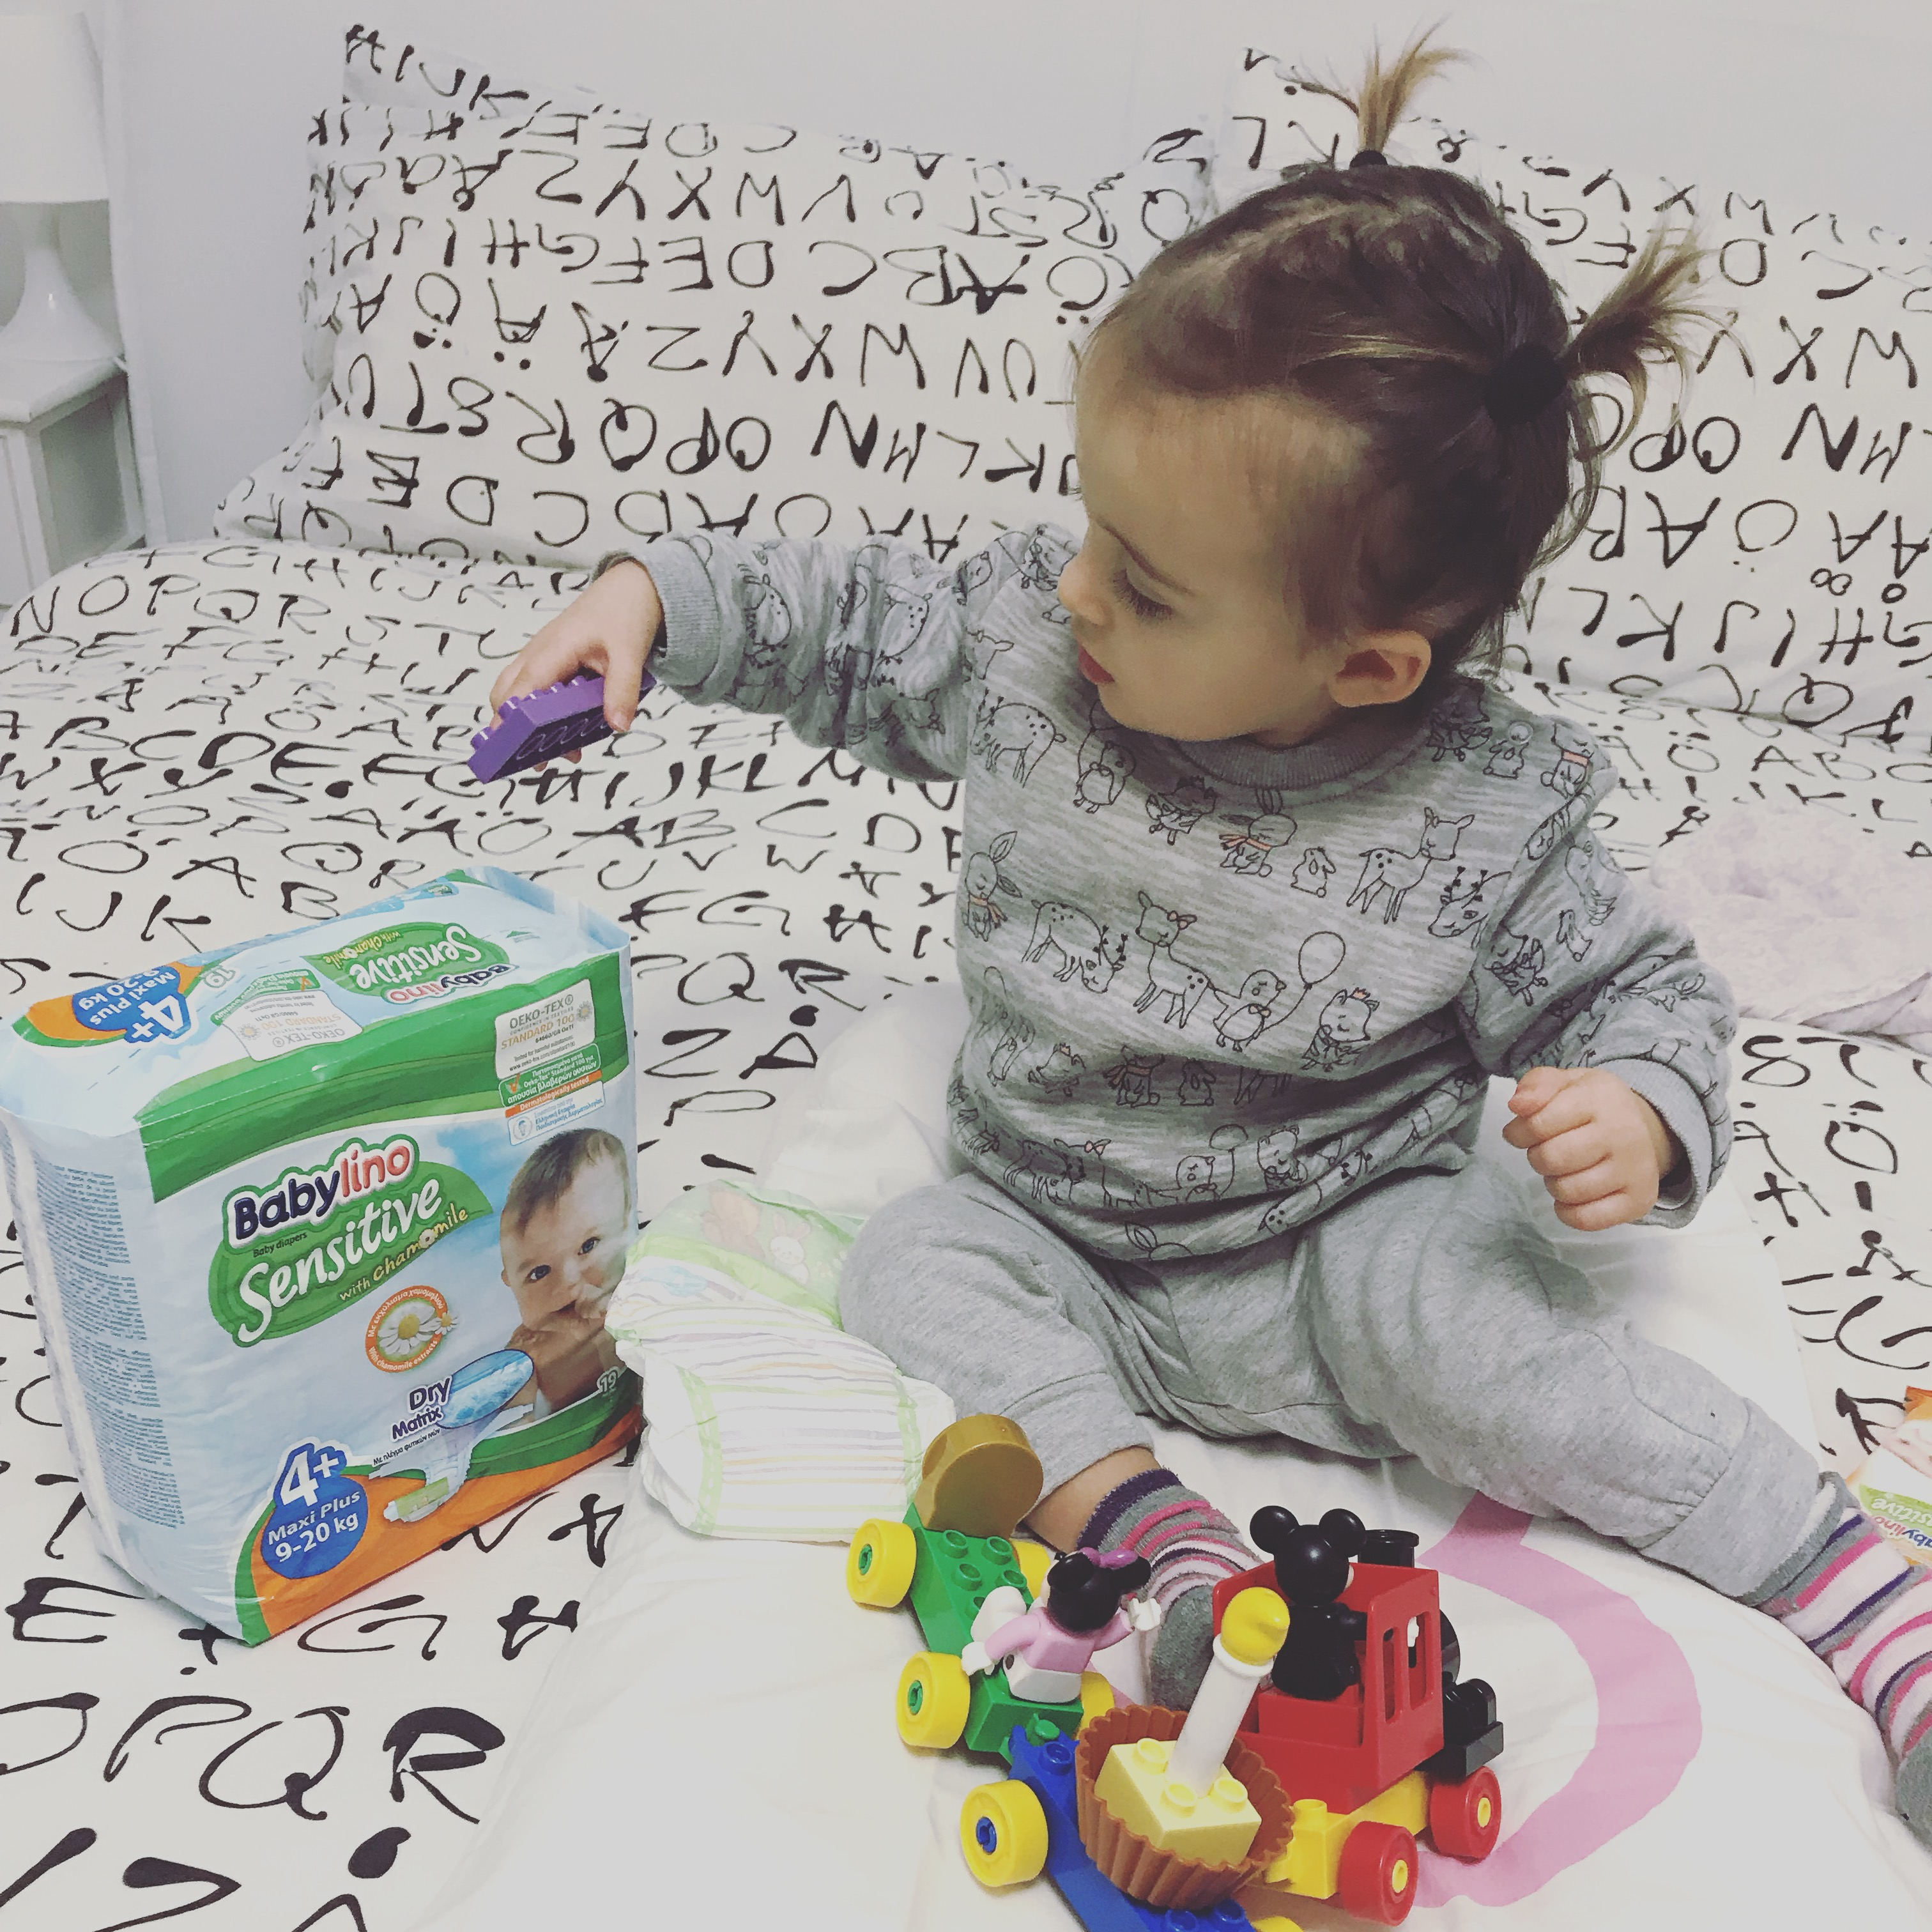 Babylino Sensitive… che piacevole scoperta!!